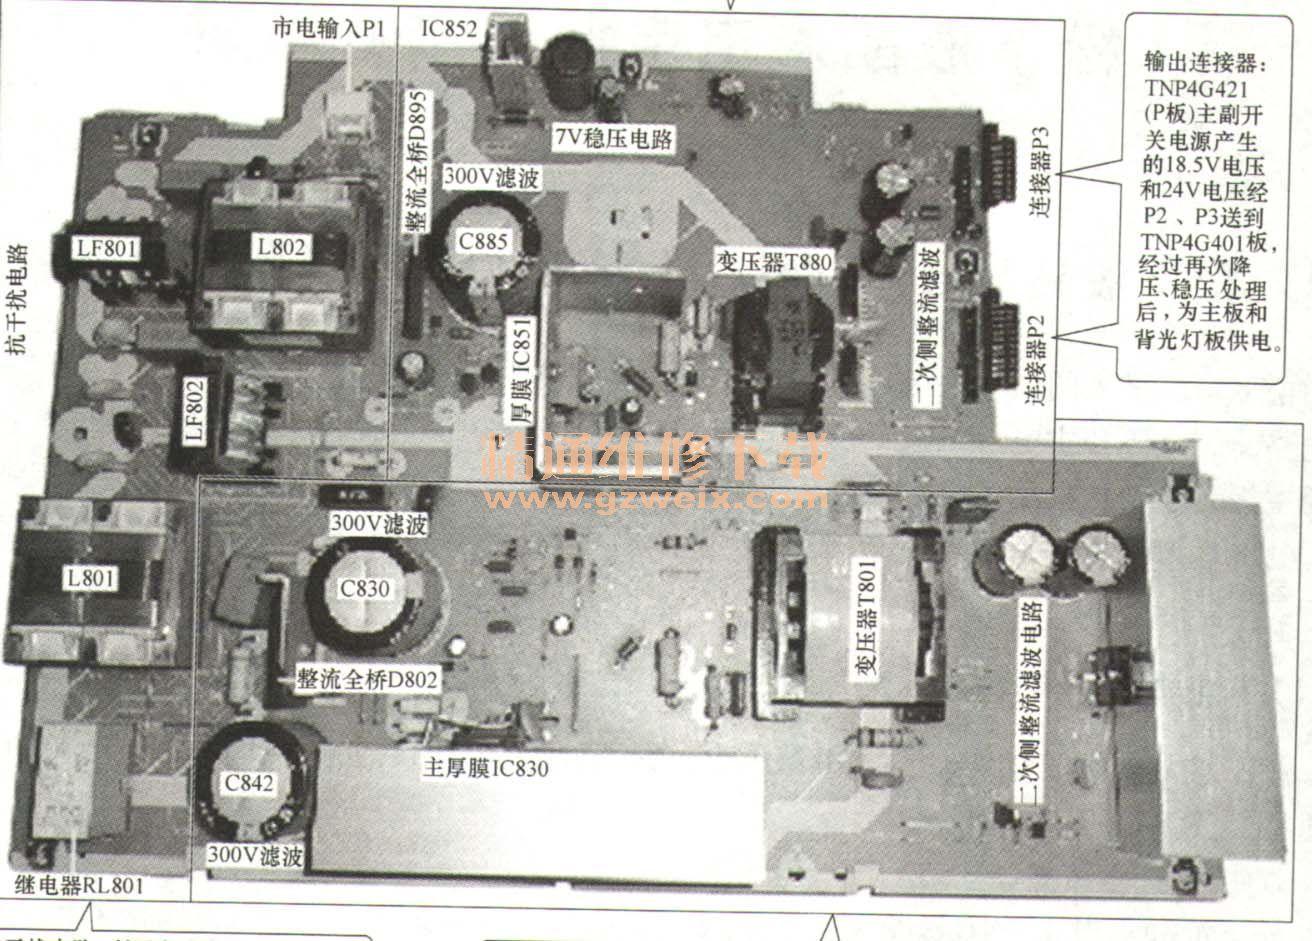 松下tnp4 g421 aa液晶彩电电源板原理详解